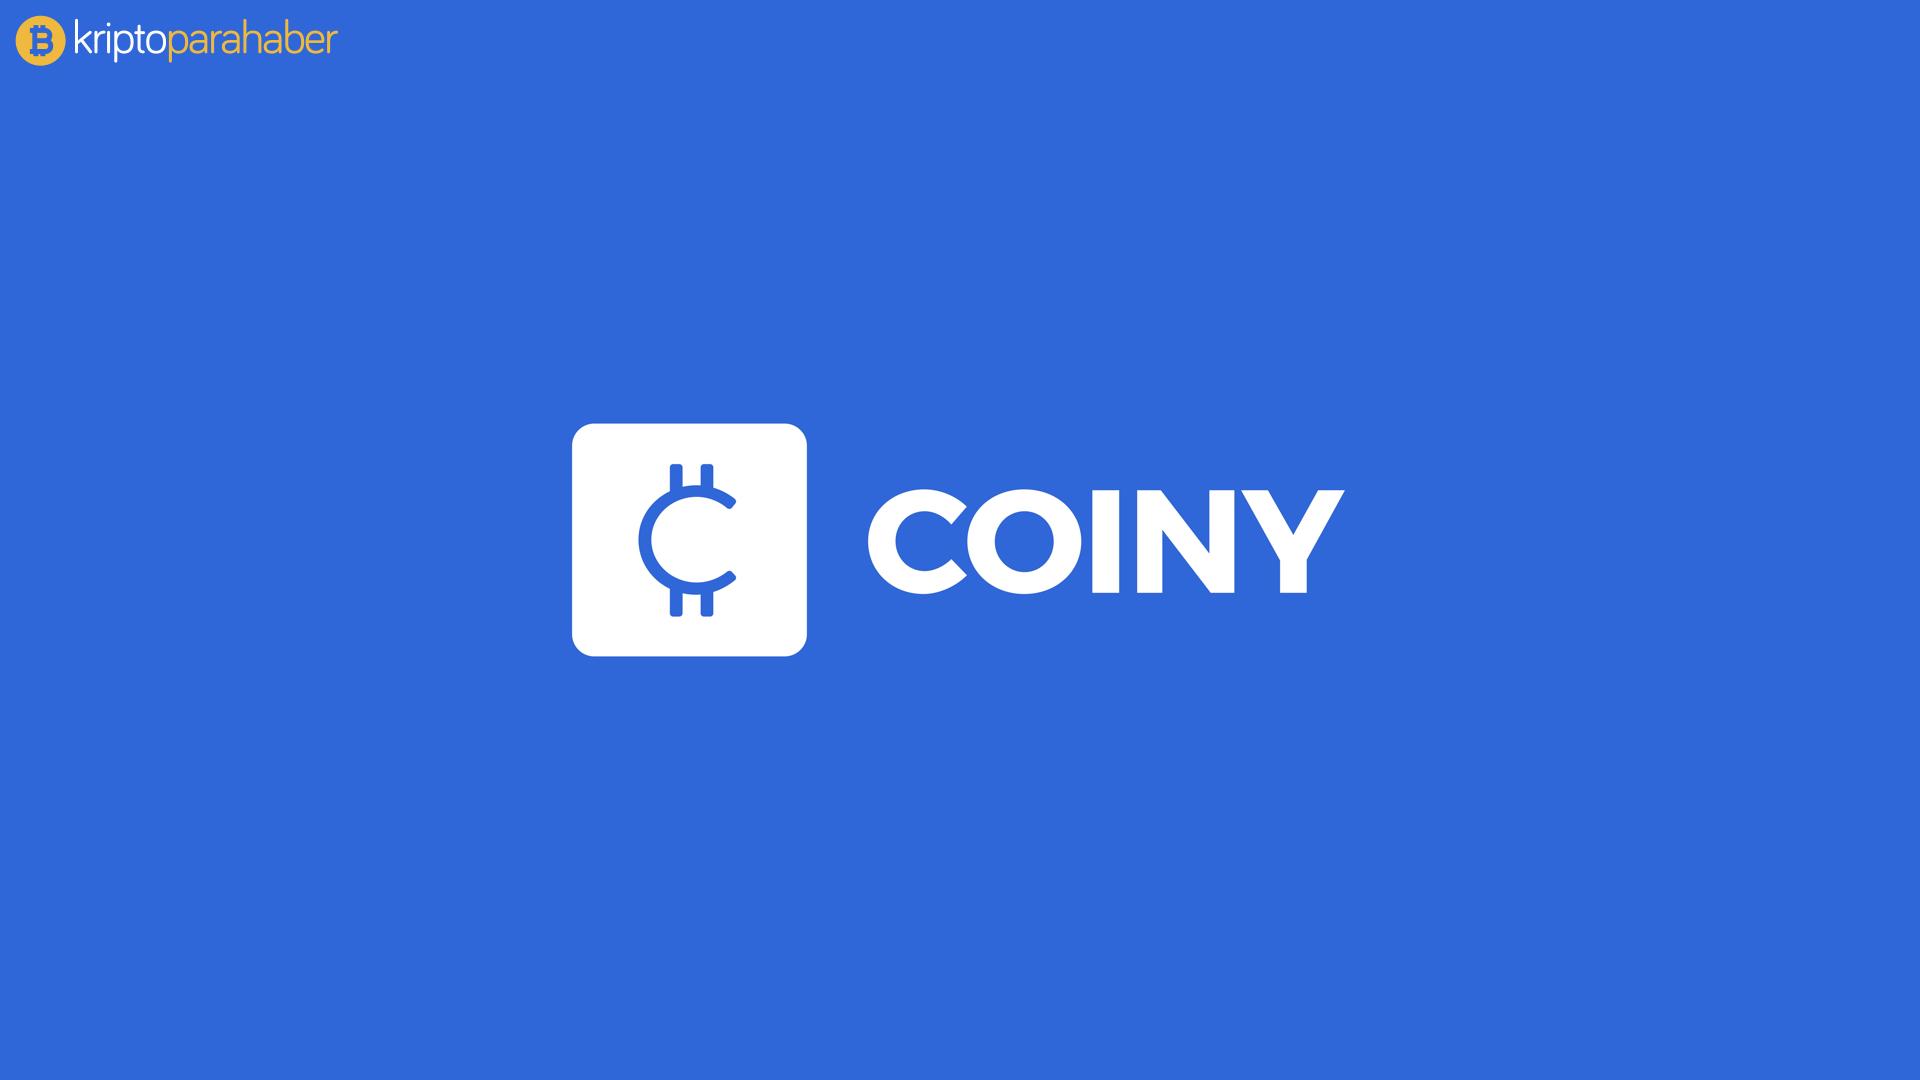 Coiny